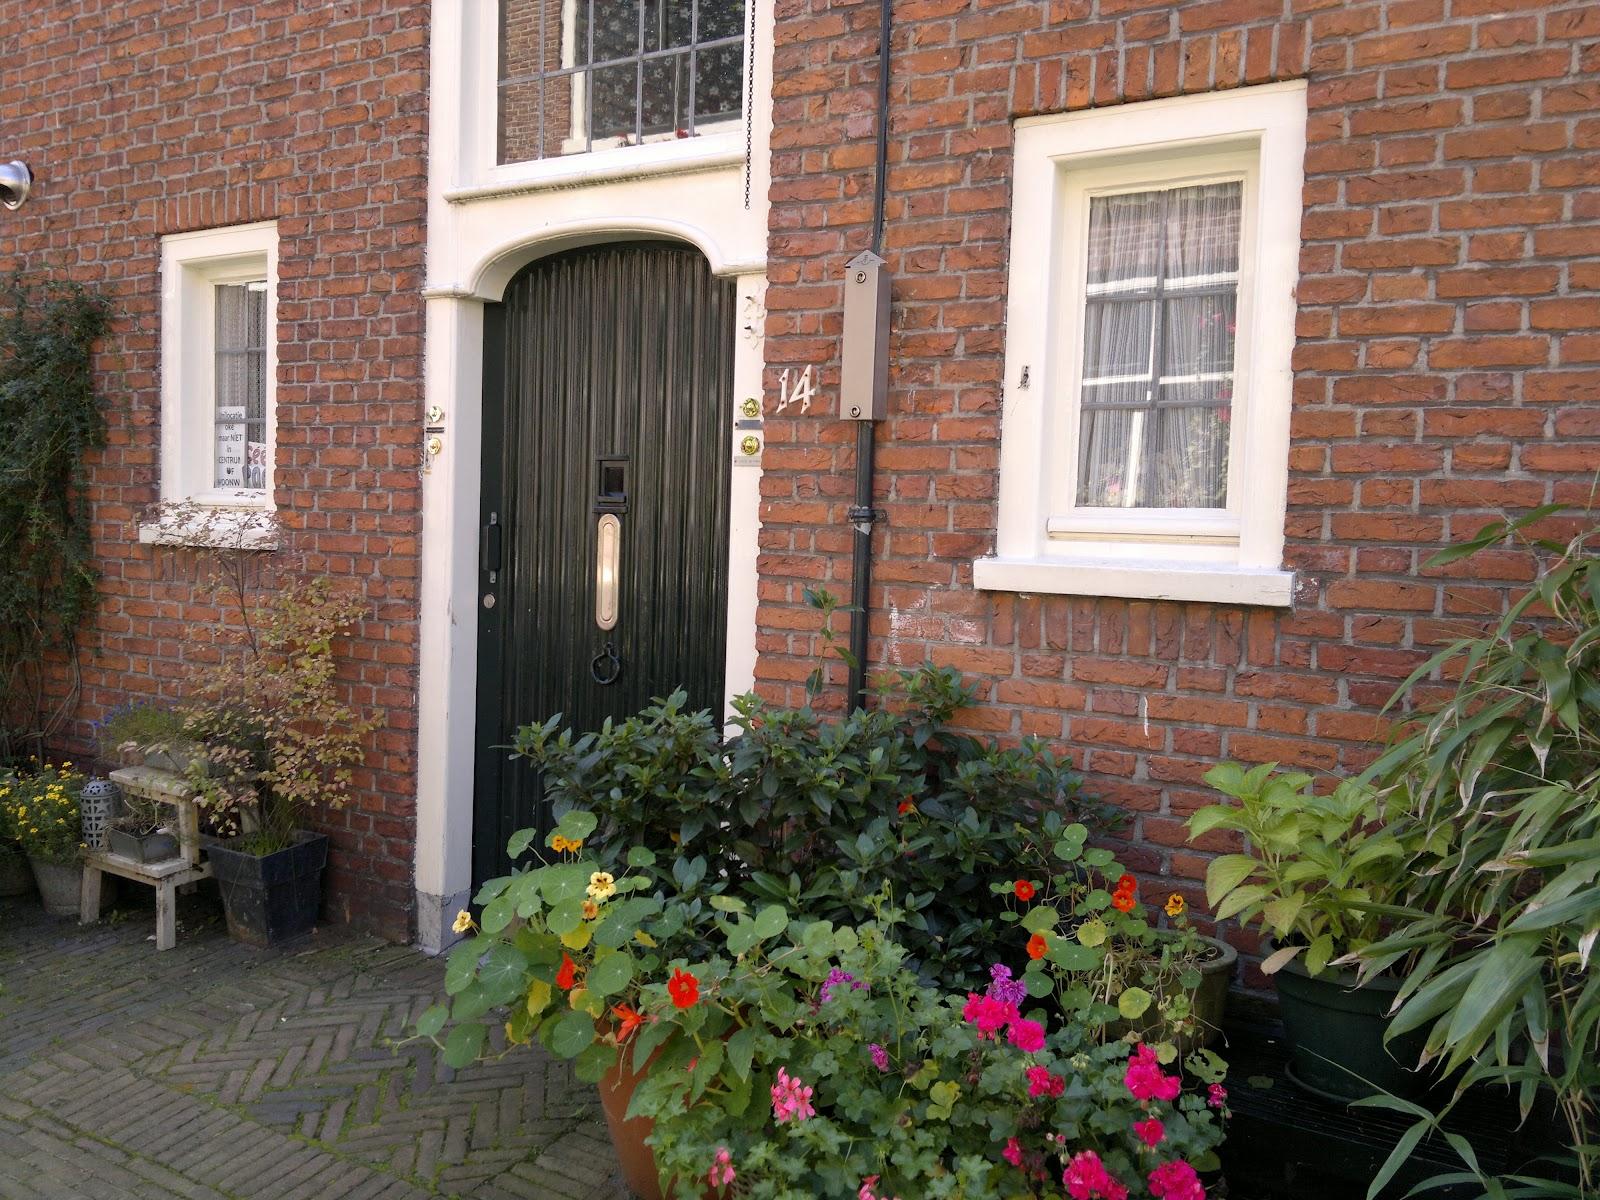 Archi tetti suggerimenti per il giardino - Archi per giardino ...